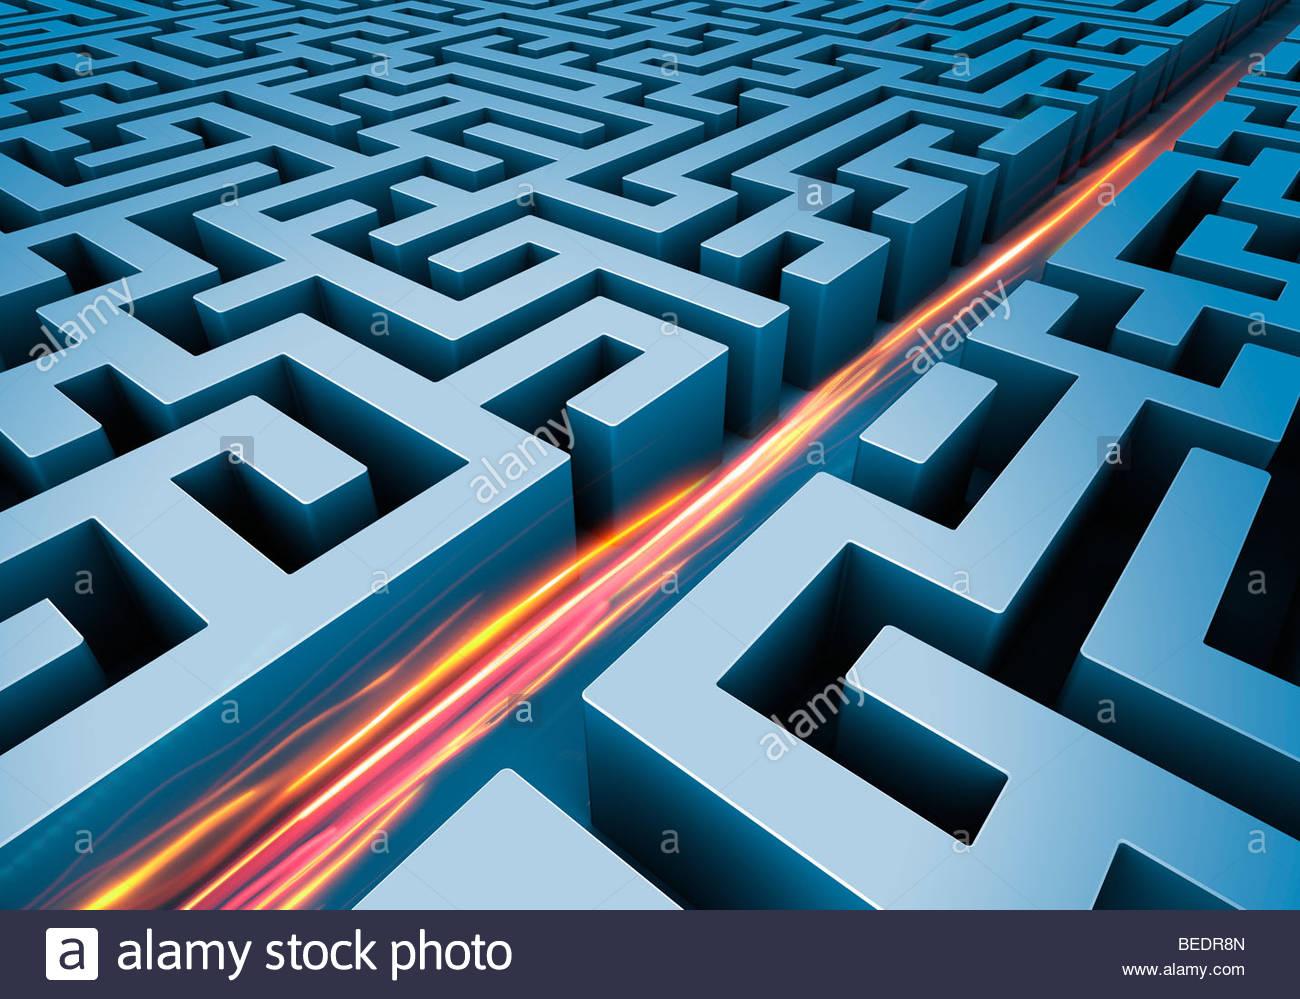 Luce di taglio sentieri percorso rettilineo attraverso il labirinto Immagini Stock